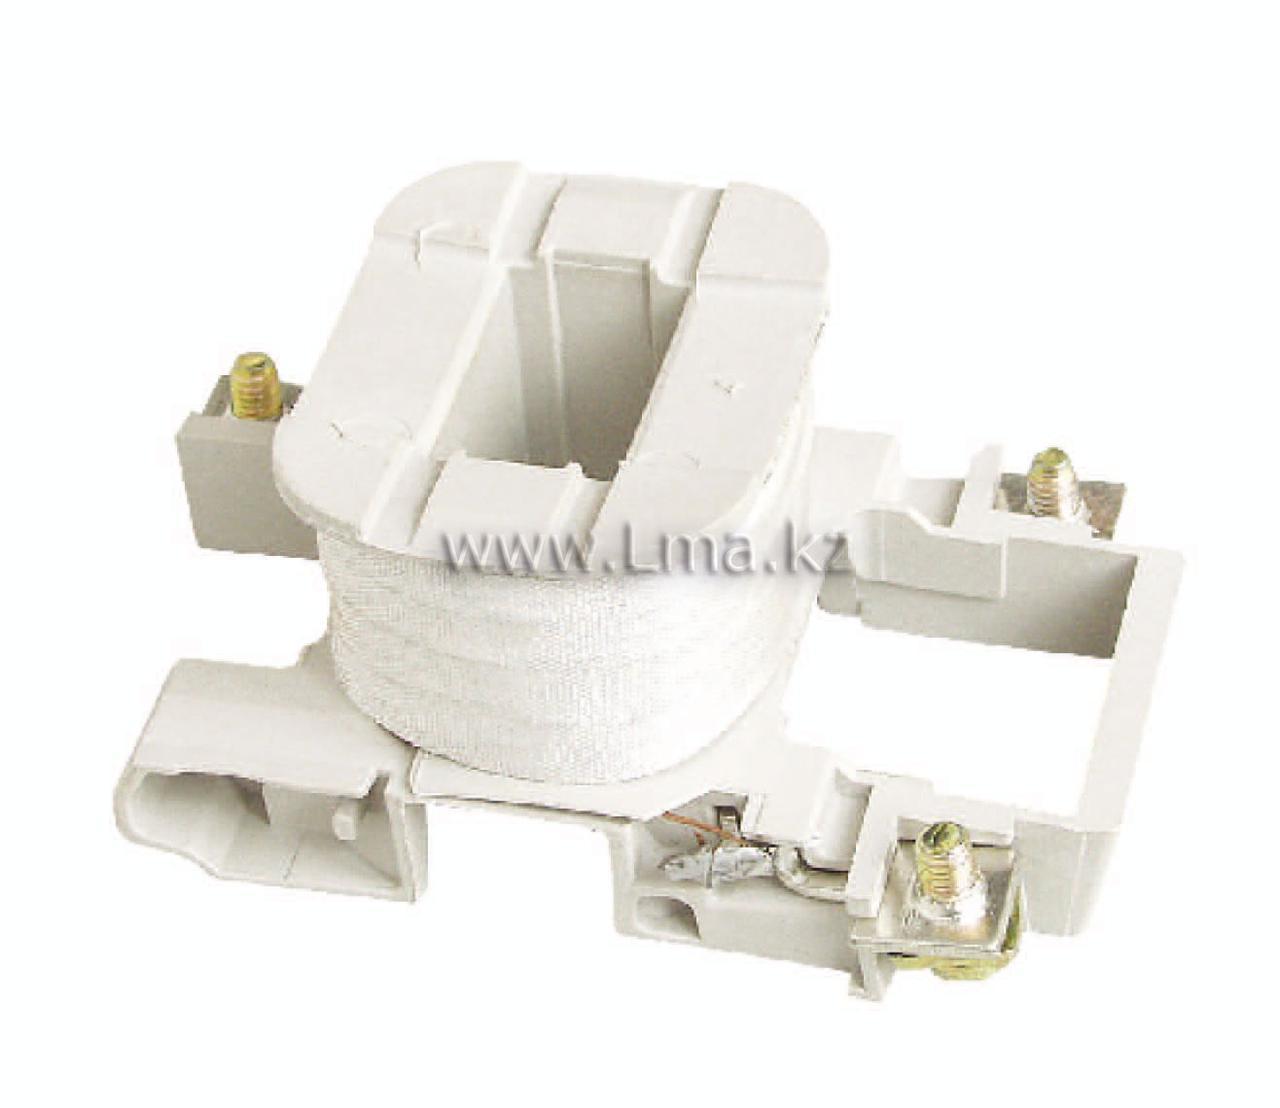 Катушка управления контактором электромагнитным TSX1-FJ (КТК-400Л) AC 220V, 380V